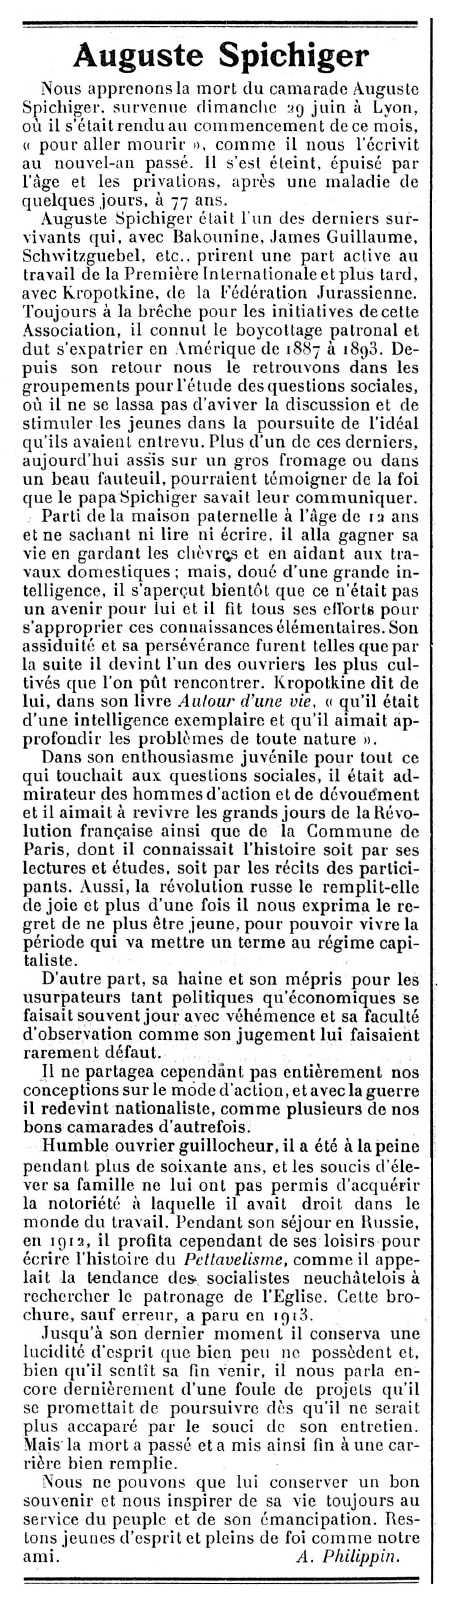 """Necrològica d'Auguste Spichiger publicada en el periòdic ginebrí """"Le Réveil Anarchiste"""" del 19 de juliol de 1919"""